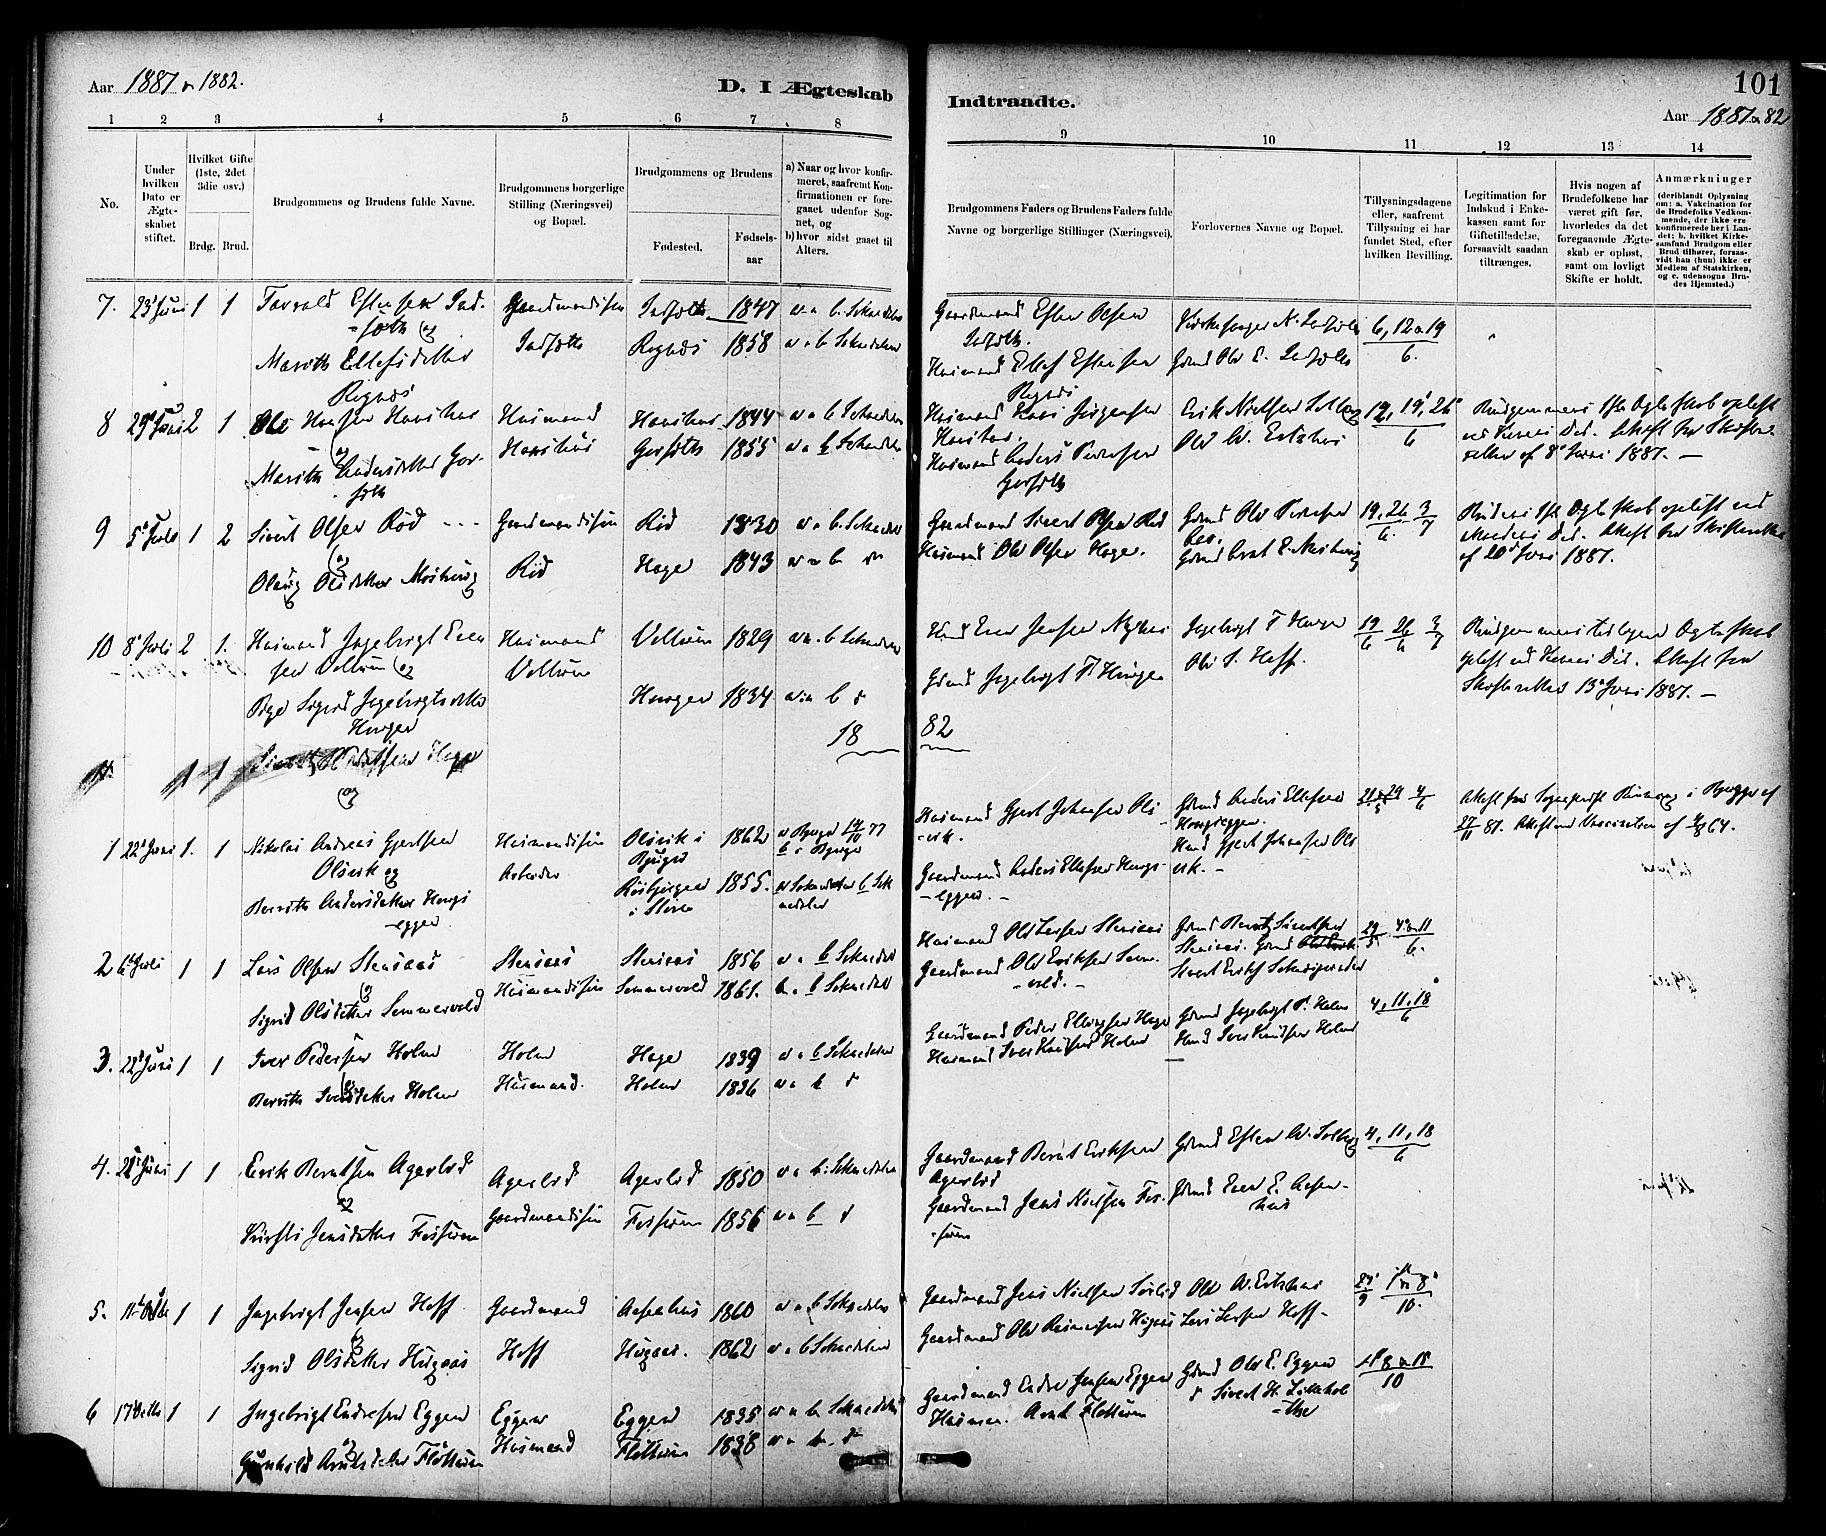 SAT, Ministerialprotokoller, klokkerbøker og fødselsregistre - Sør-Trøndelag, 689/L1040: Ministerialbok nr. 689A05, 1878-1890, s. 101